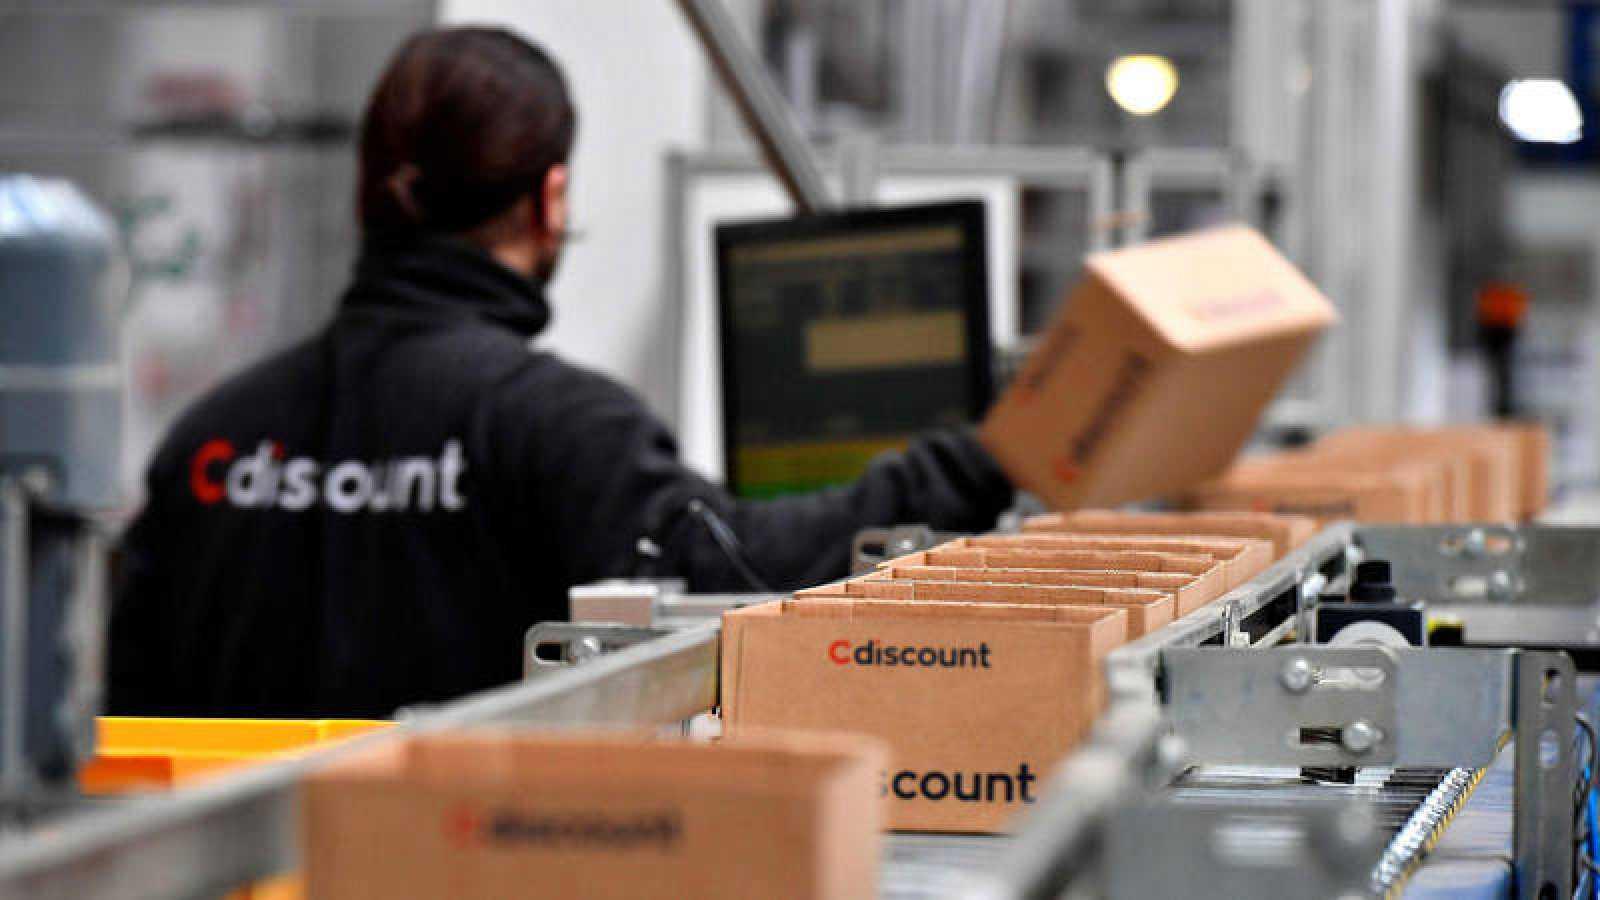 Un trabajador de Cdiscount, la competencia directa de Amazon en Francia